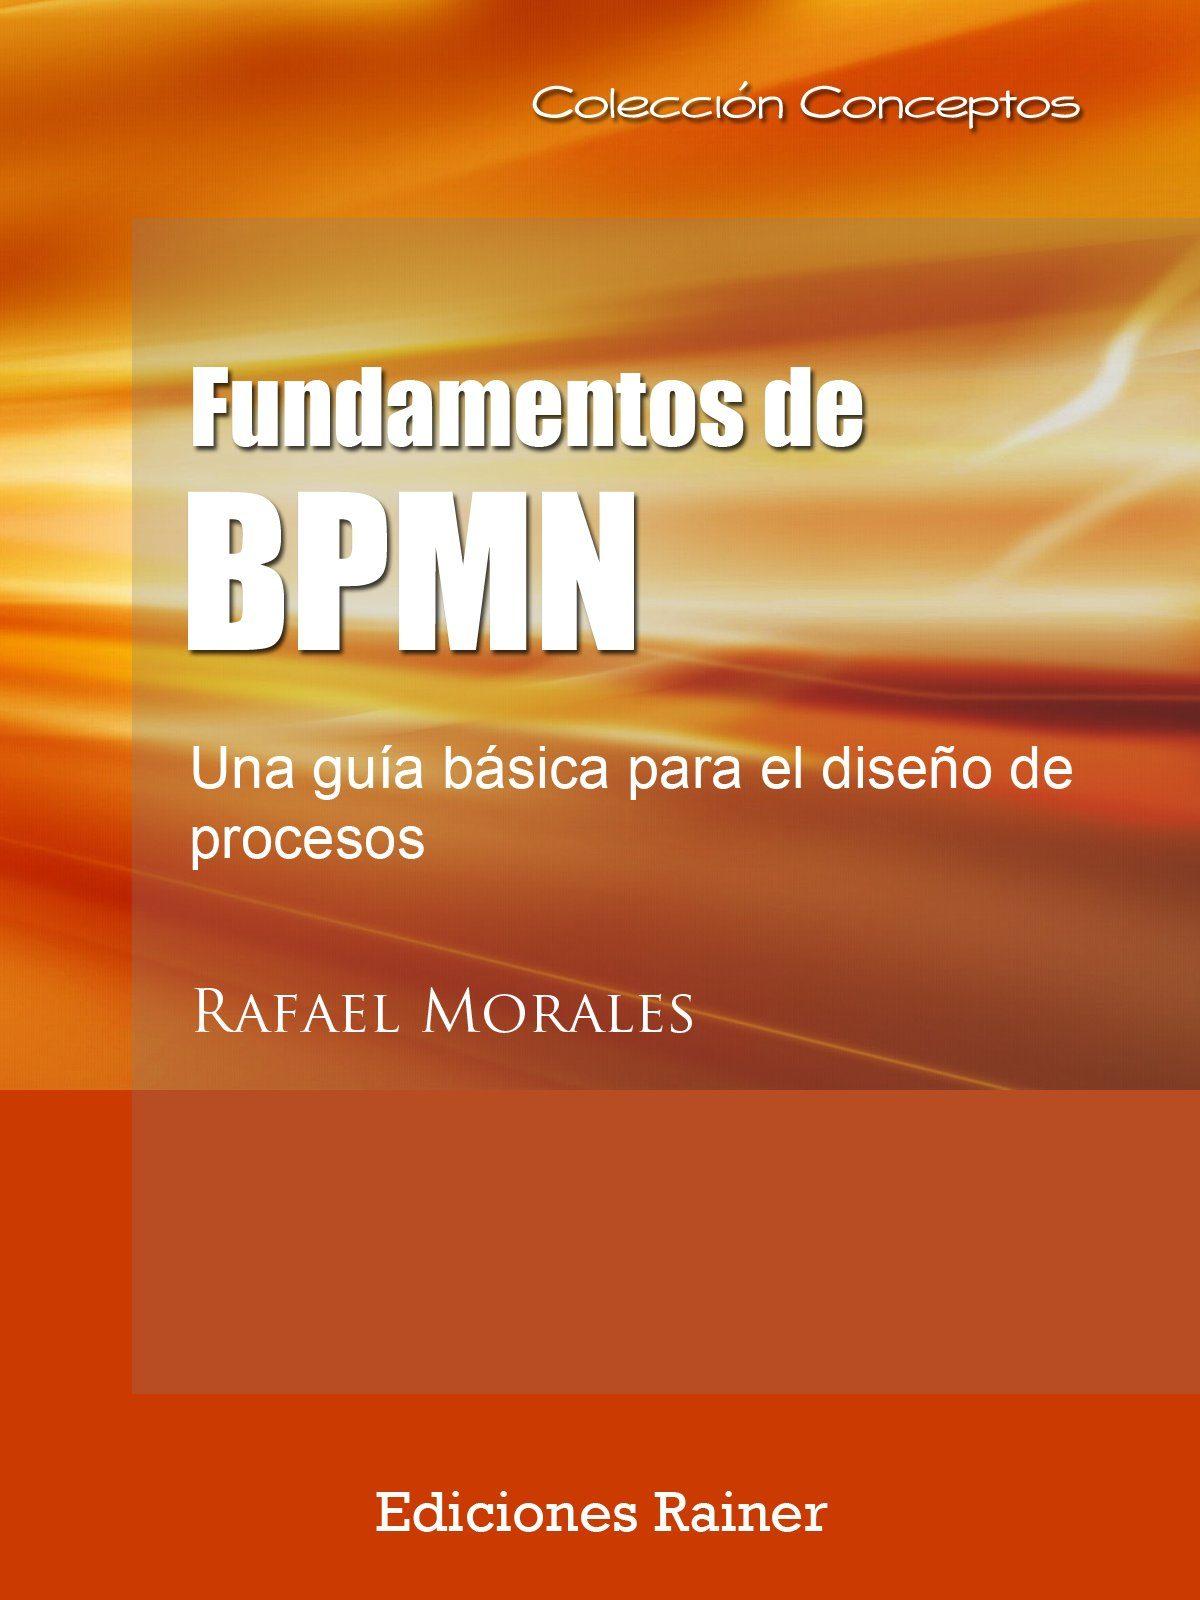 fundamentos de bpmn ebook rafael morales 9788494249846 - Bpmn Pdf